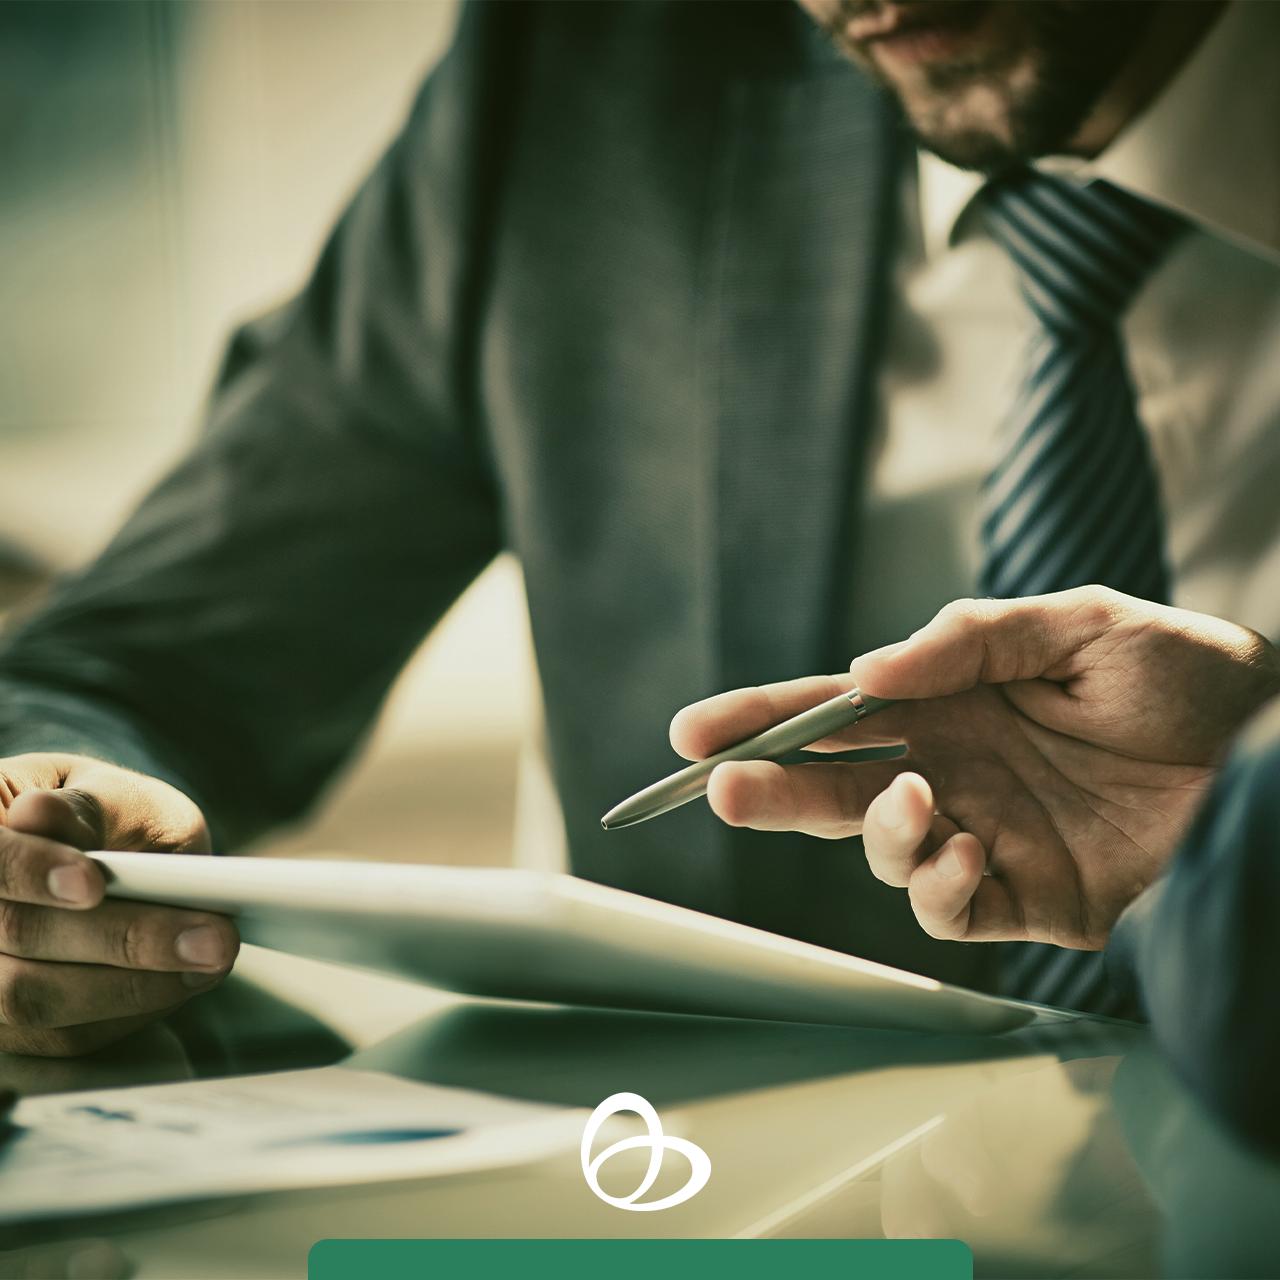 Os reajustes dos planos de saúde têm por objetivo manter a continuidade e a qualidade dos serviços prestados pela operadora aos seus beneficiários.